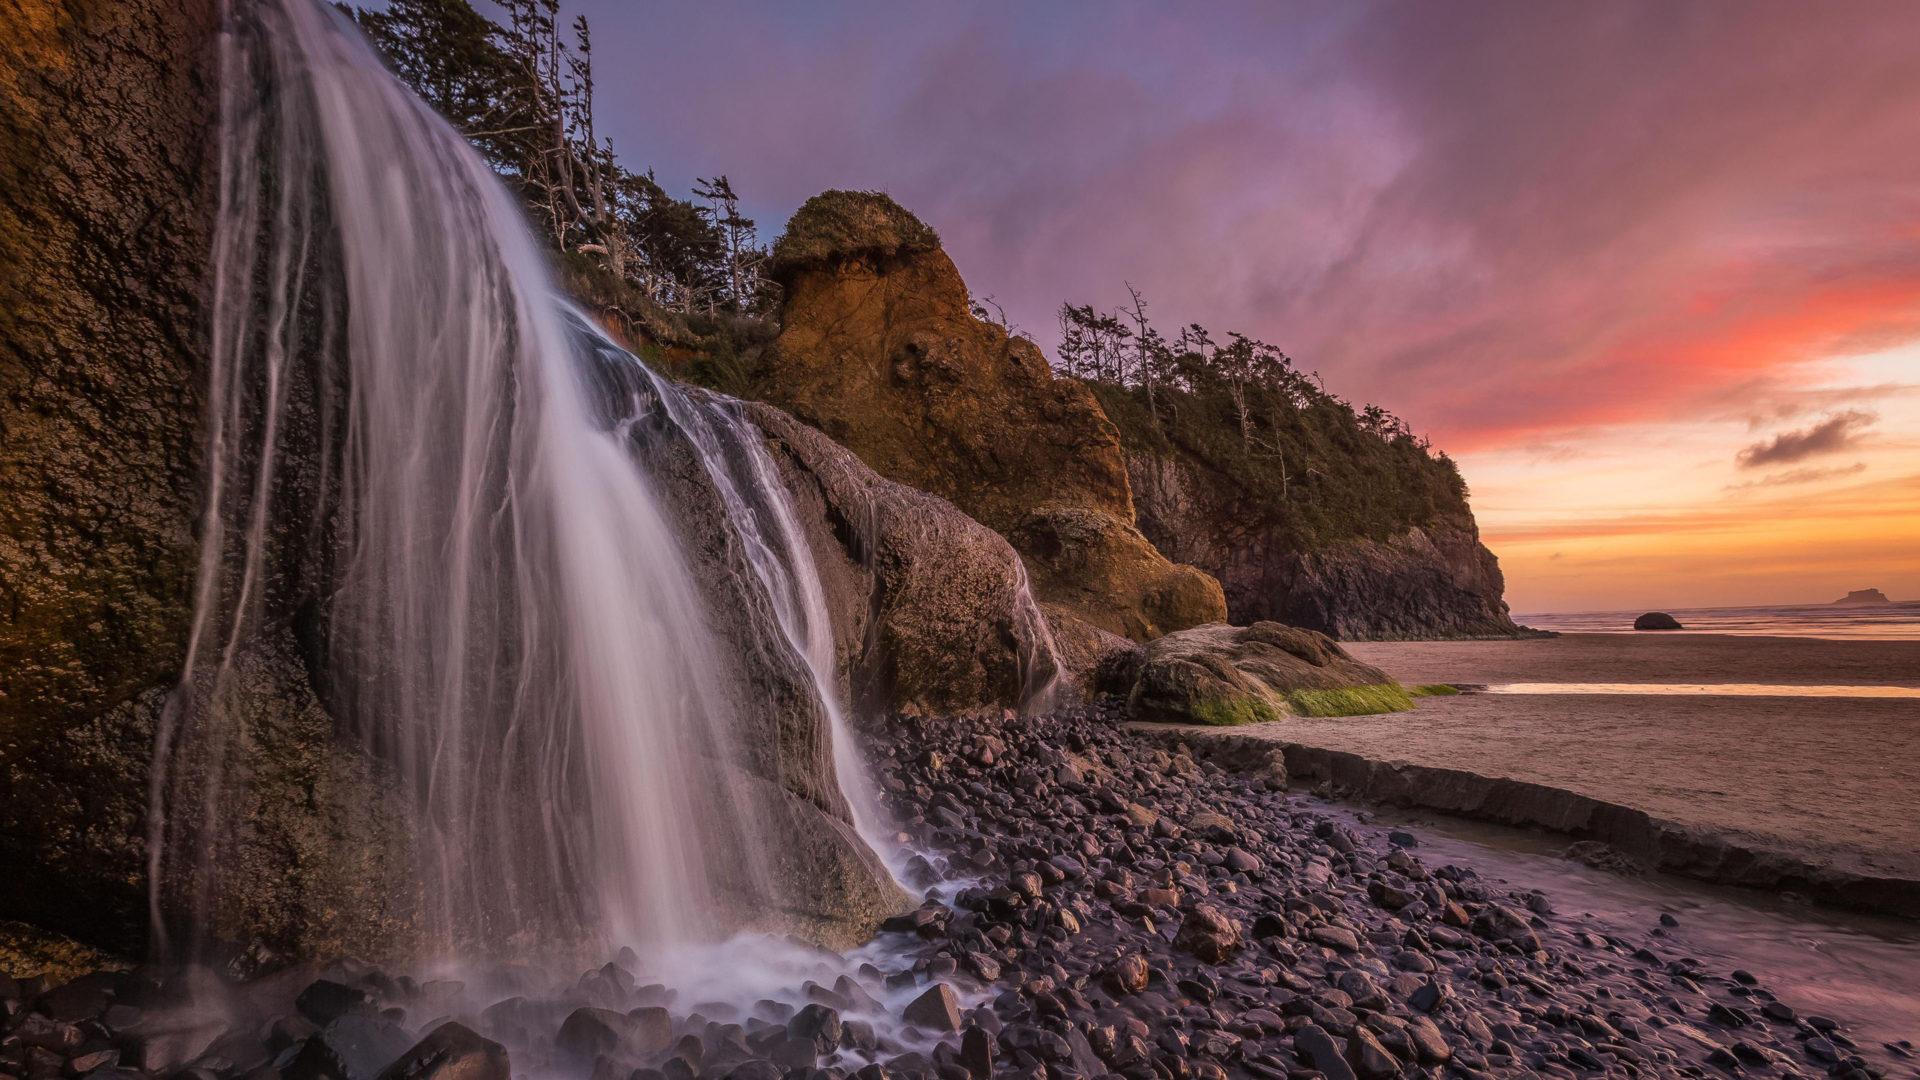 Fall Beach Widescreen Wallpaper Abiqua Falls Oregon Usa Wallpaper Widescreen Hd Resolution